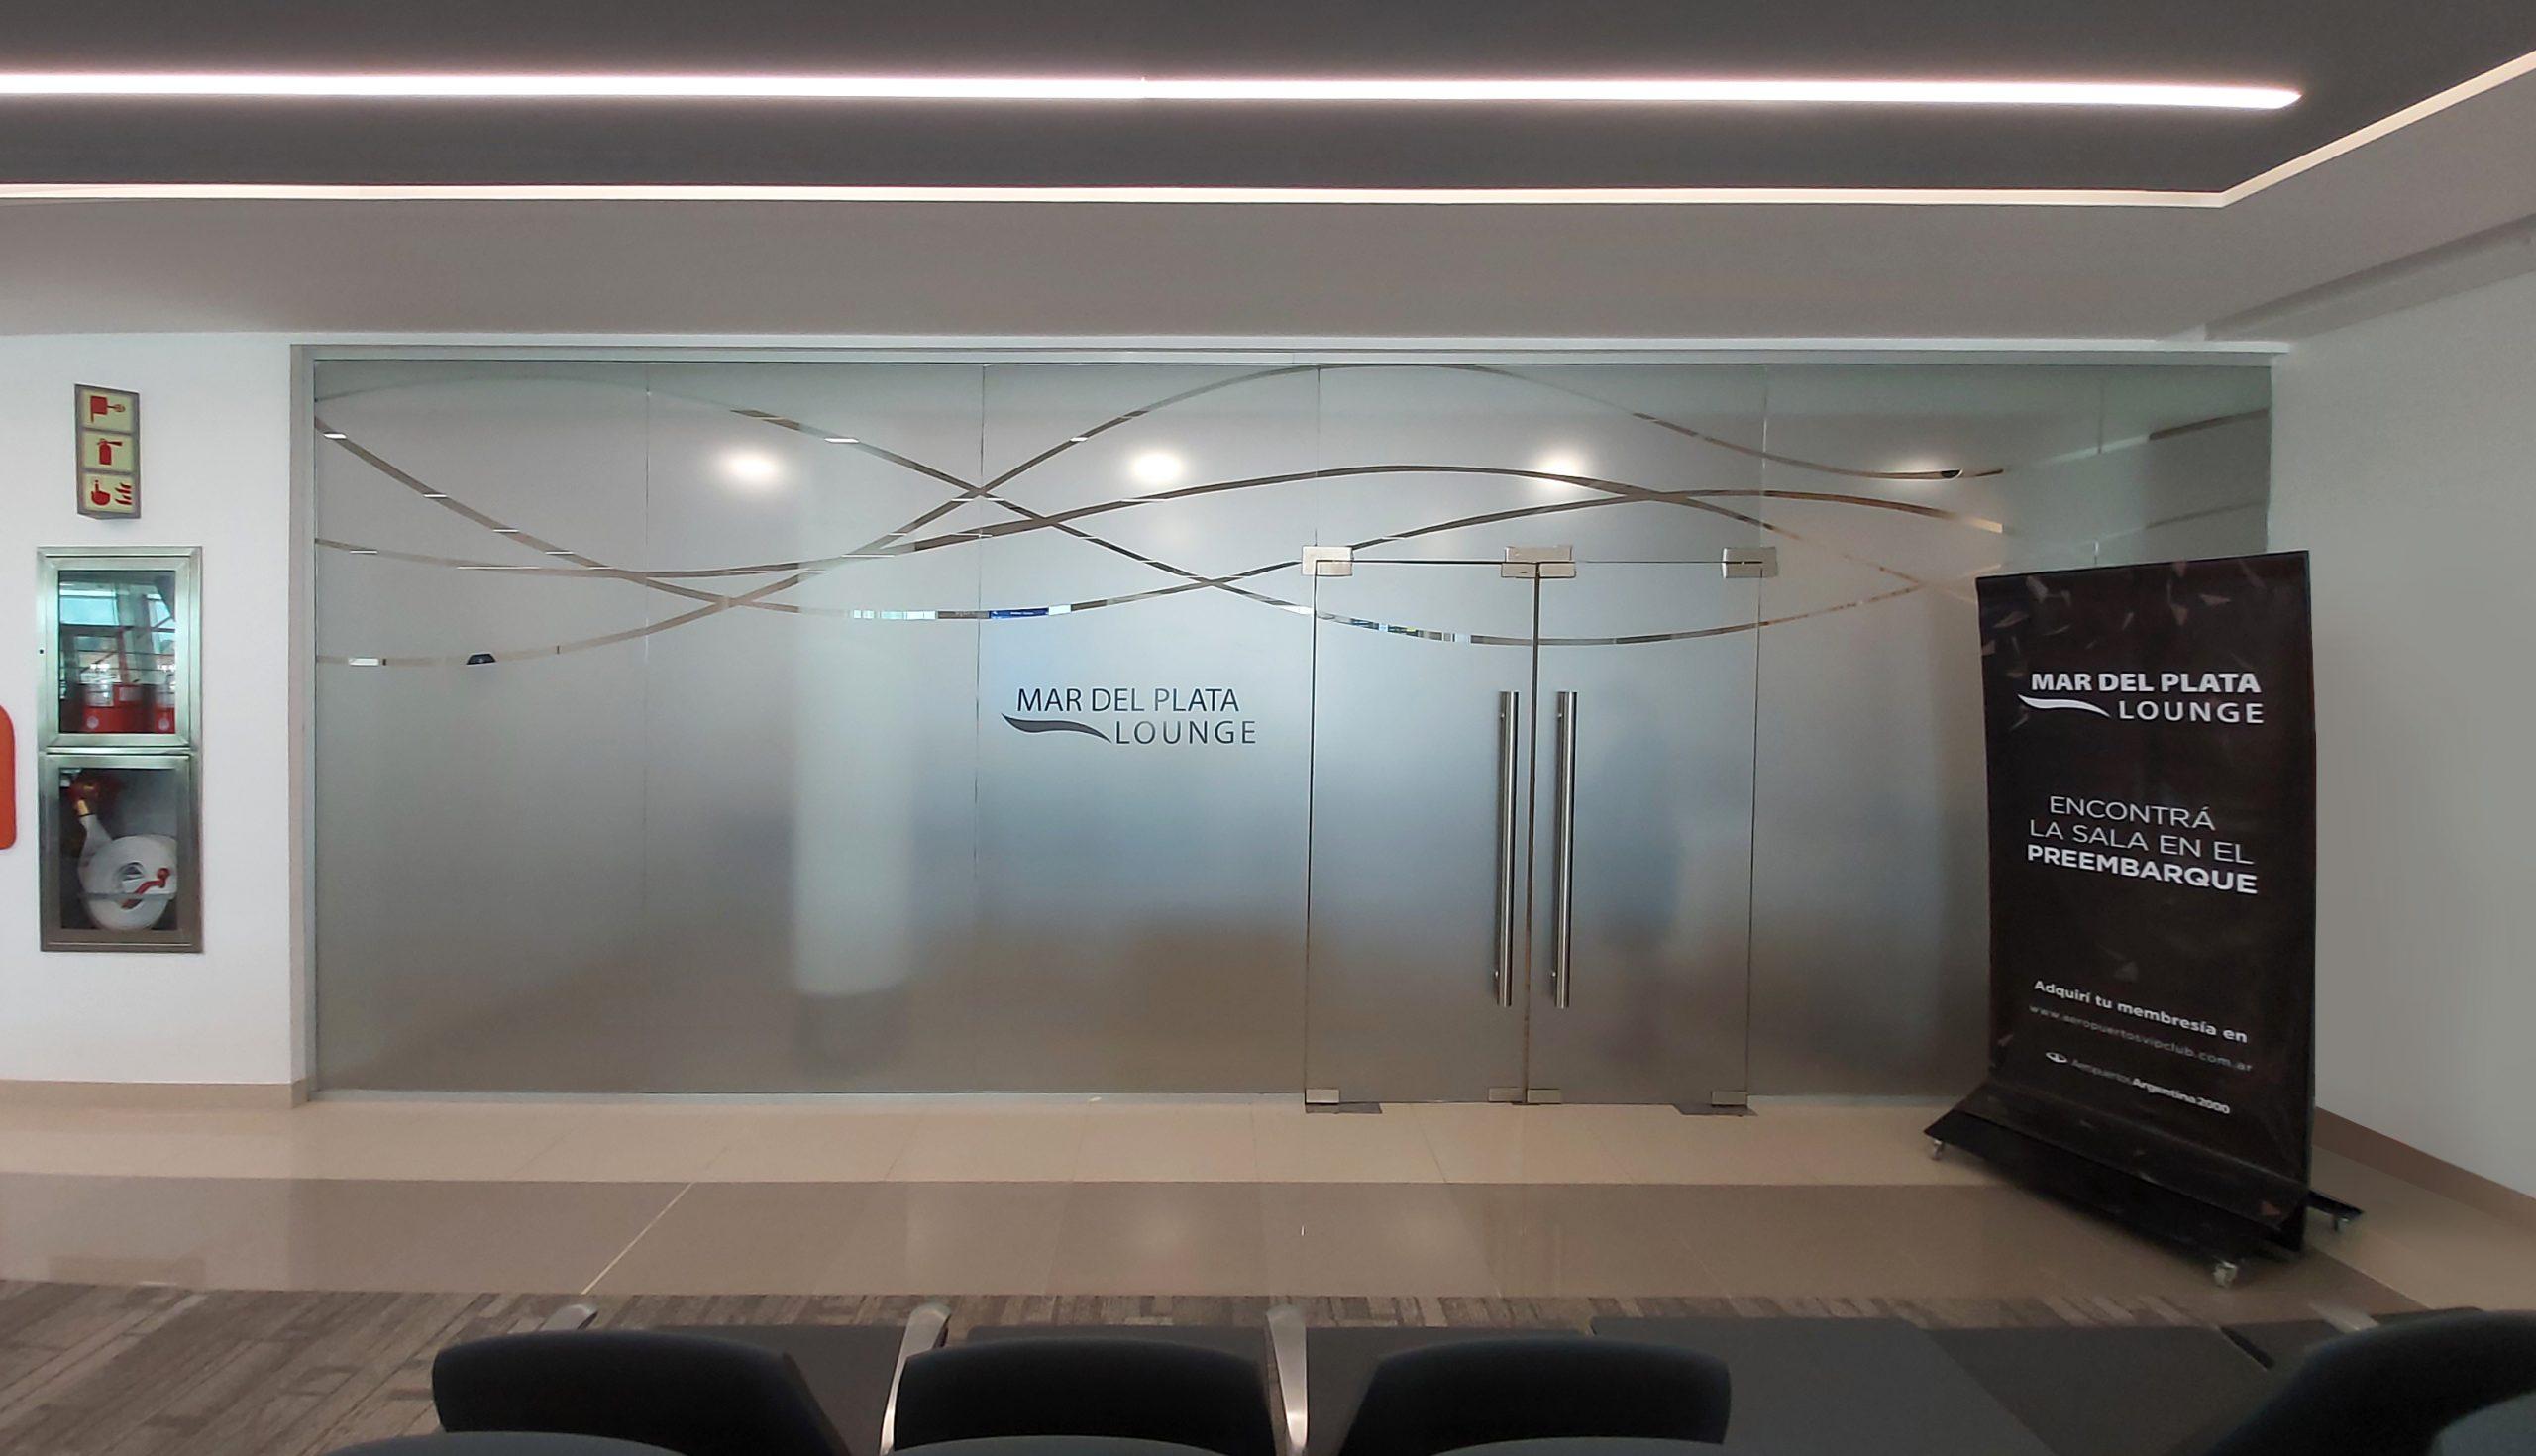 Habilitan en el Aeropuerto de Mar del Plata un sector para atender la demanda de temporada